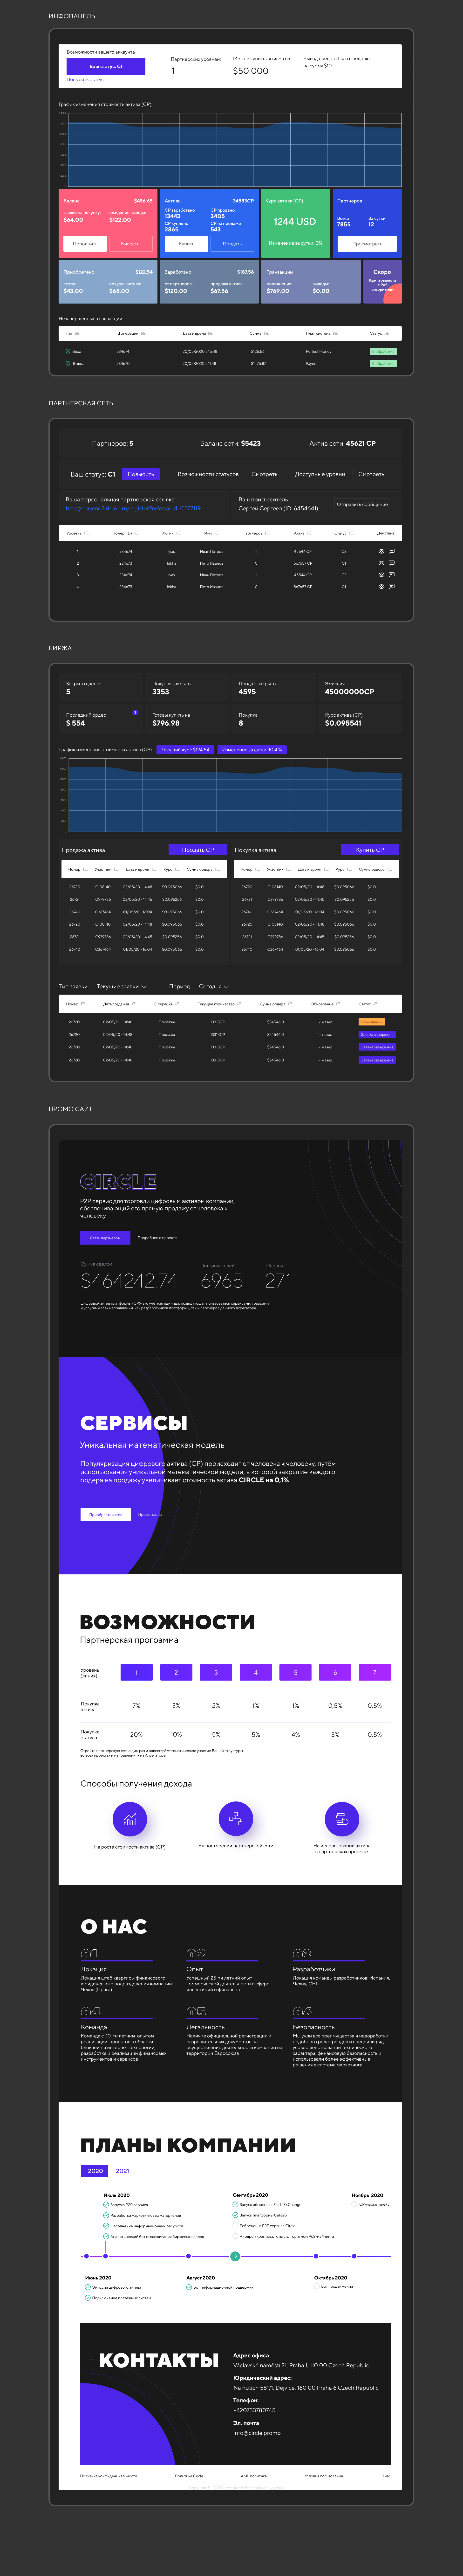 Интерфейсы и промо-сайт крипто платформы